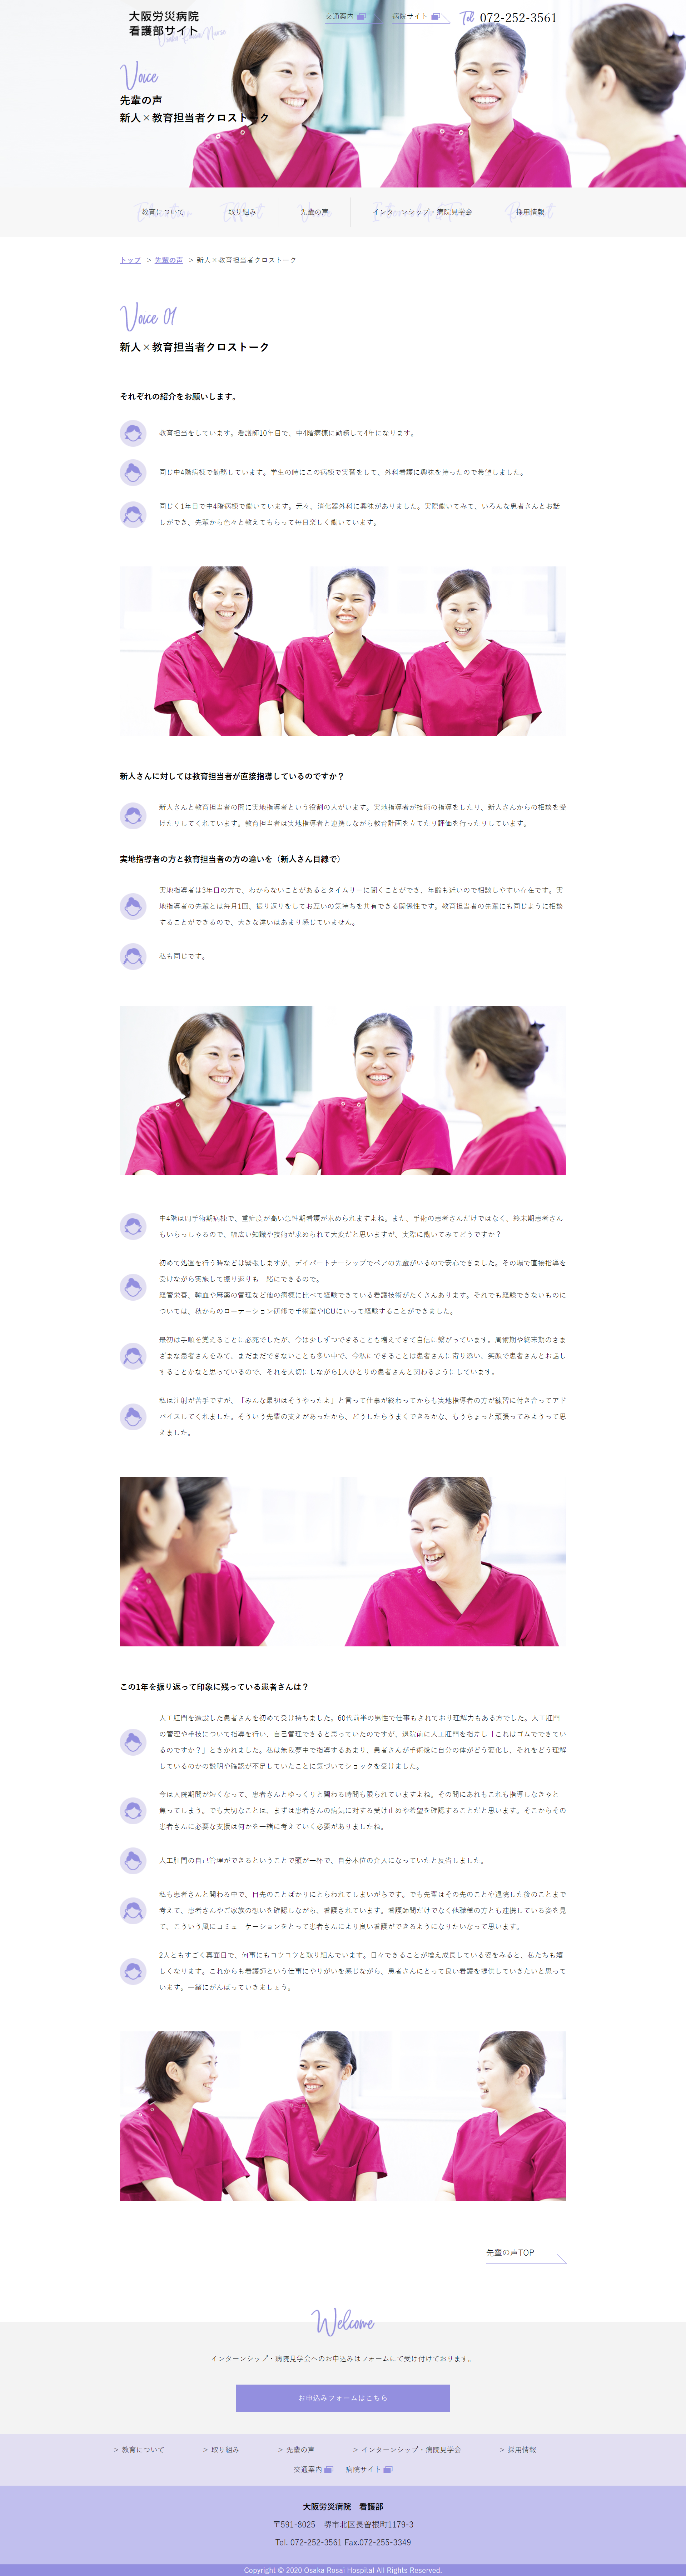 2020年2月作成「大阪労災病院」看護部サイト_サブ画像